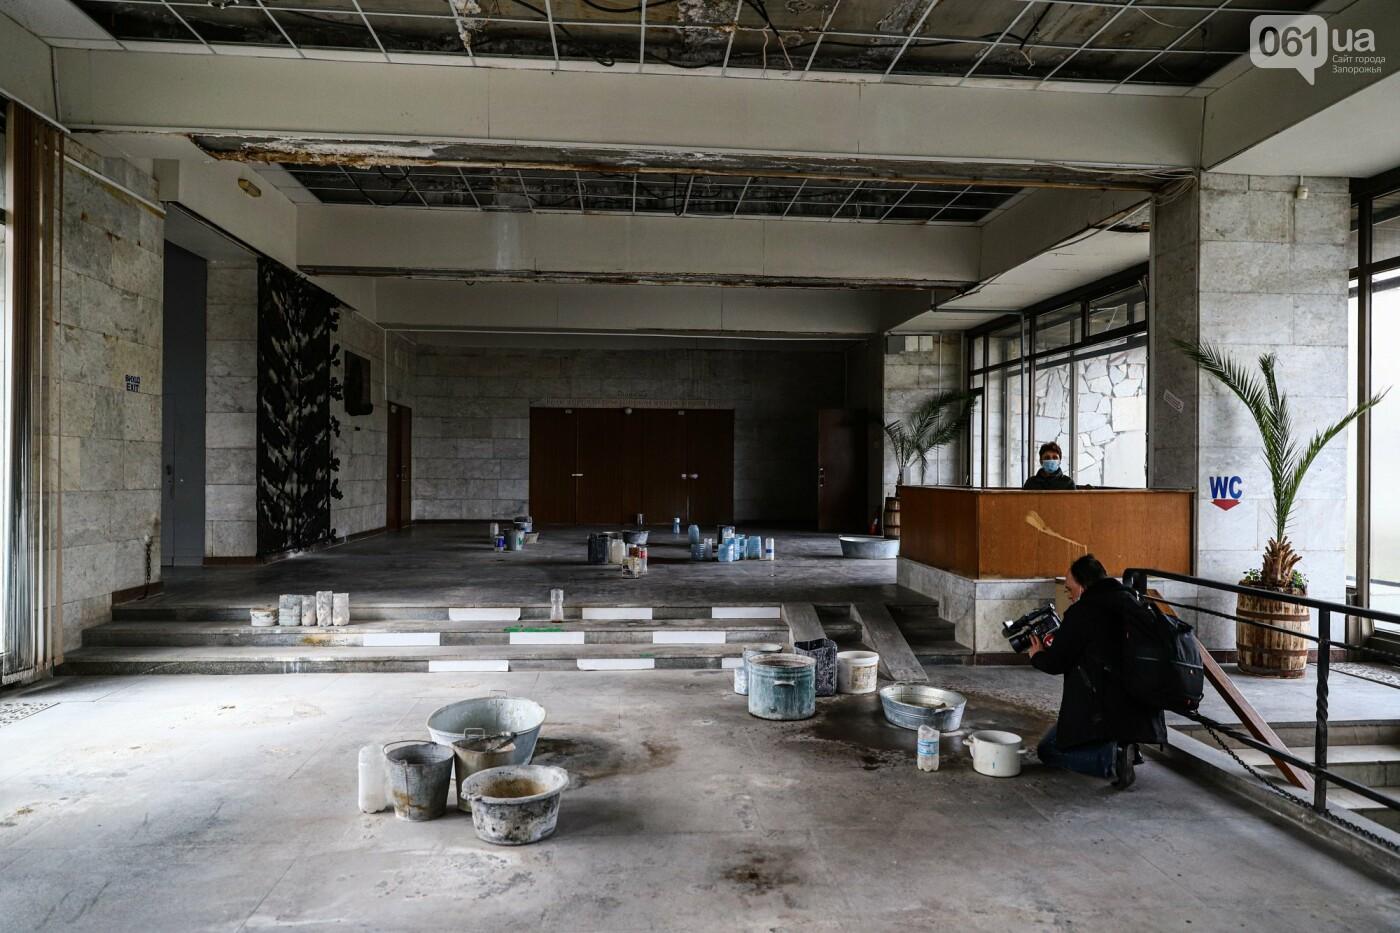 Музей истории запорожского казачества в ожидании реконструкции: как сейчас выглядит аварийное здание, - ФОТОРЕПОРТАЖ, фото-34